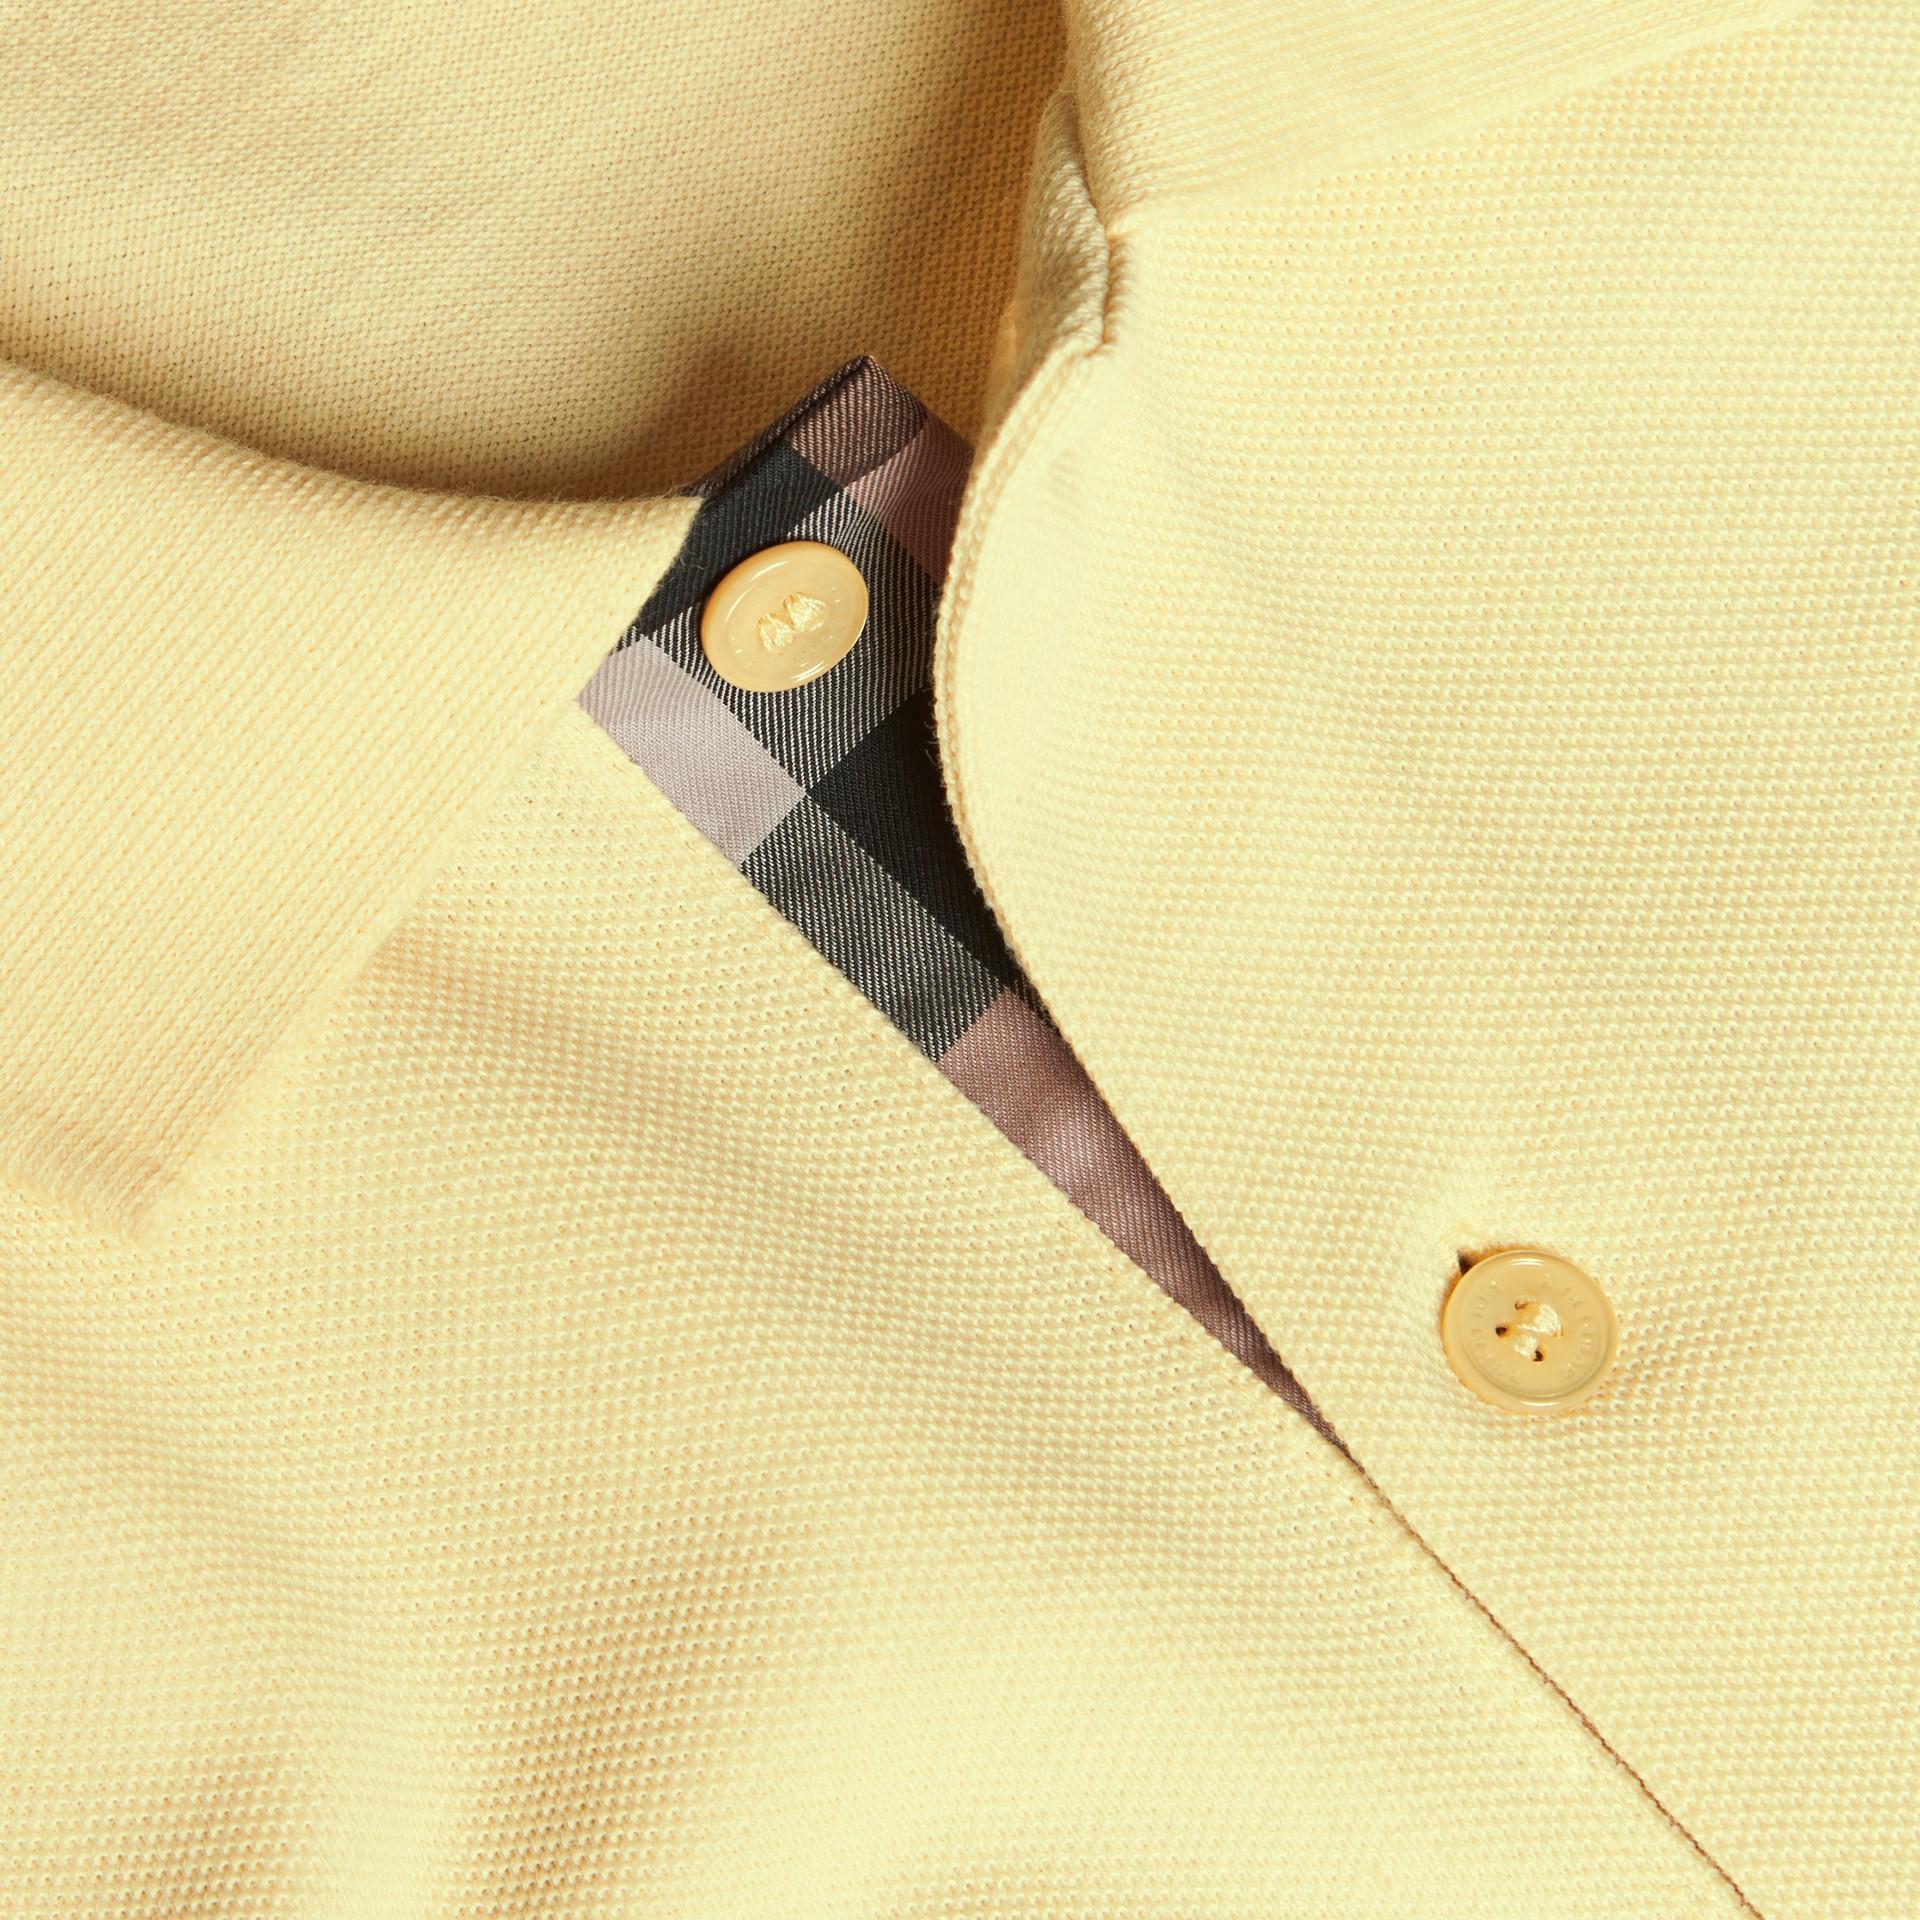 チェックプラケット コットンピケ ポロシャツ (バニライエロー) - メンズ | バーバリー - ギャラリーイメージ 2